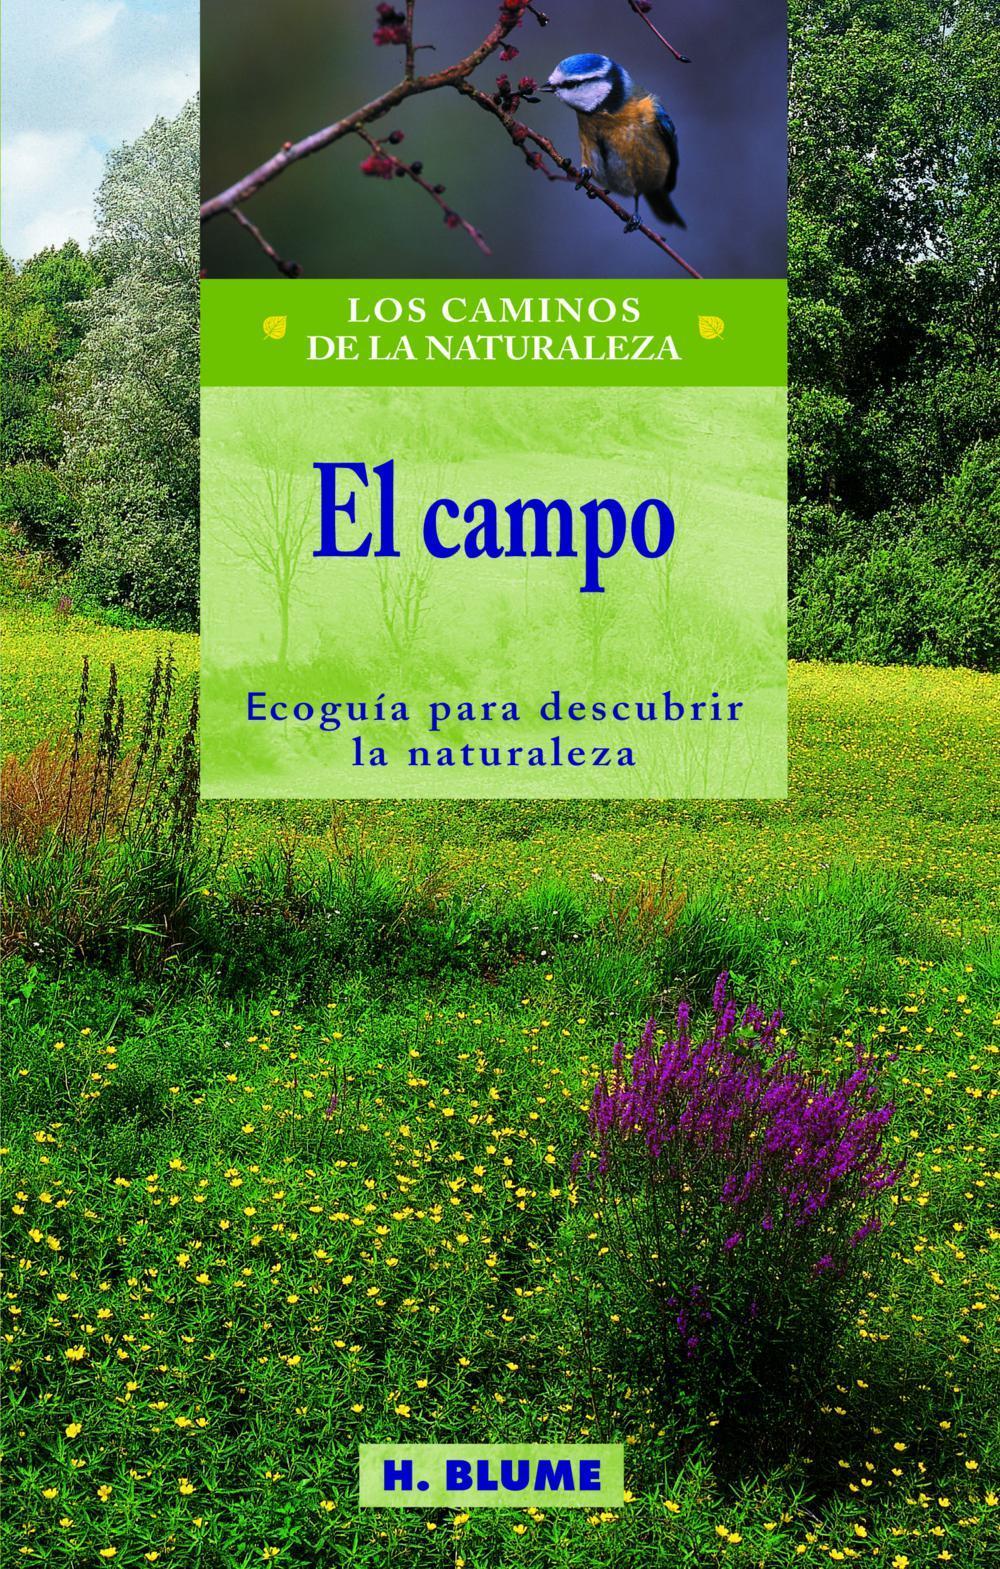 EL CAMPO. ECOGUÍA PARA DESCUBRIR LA NATURALEZA